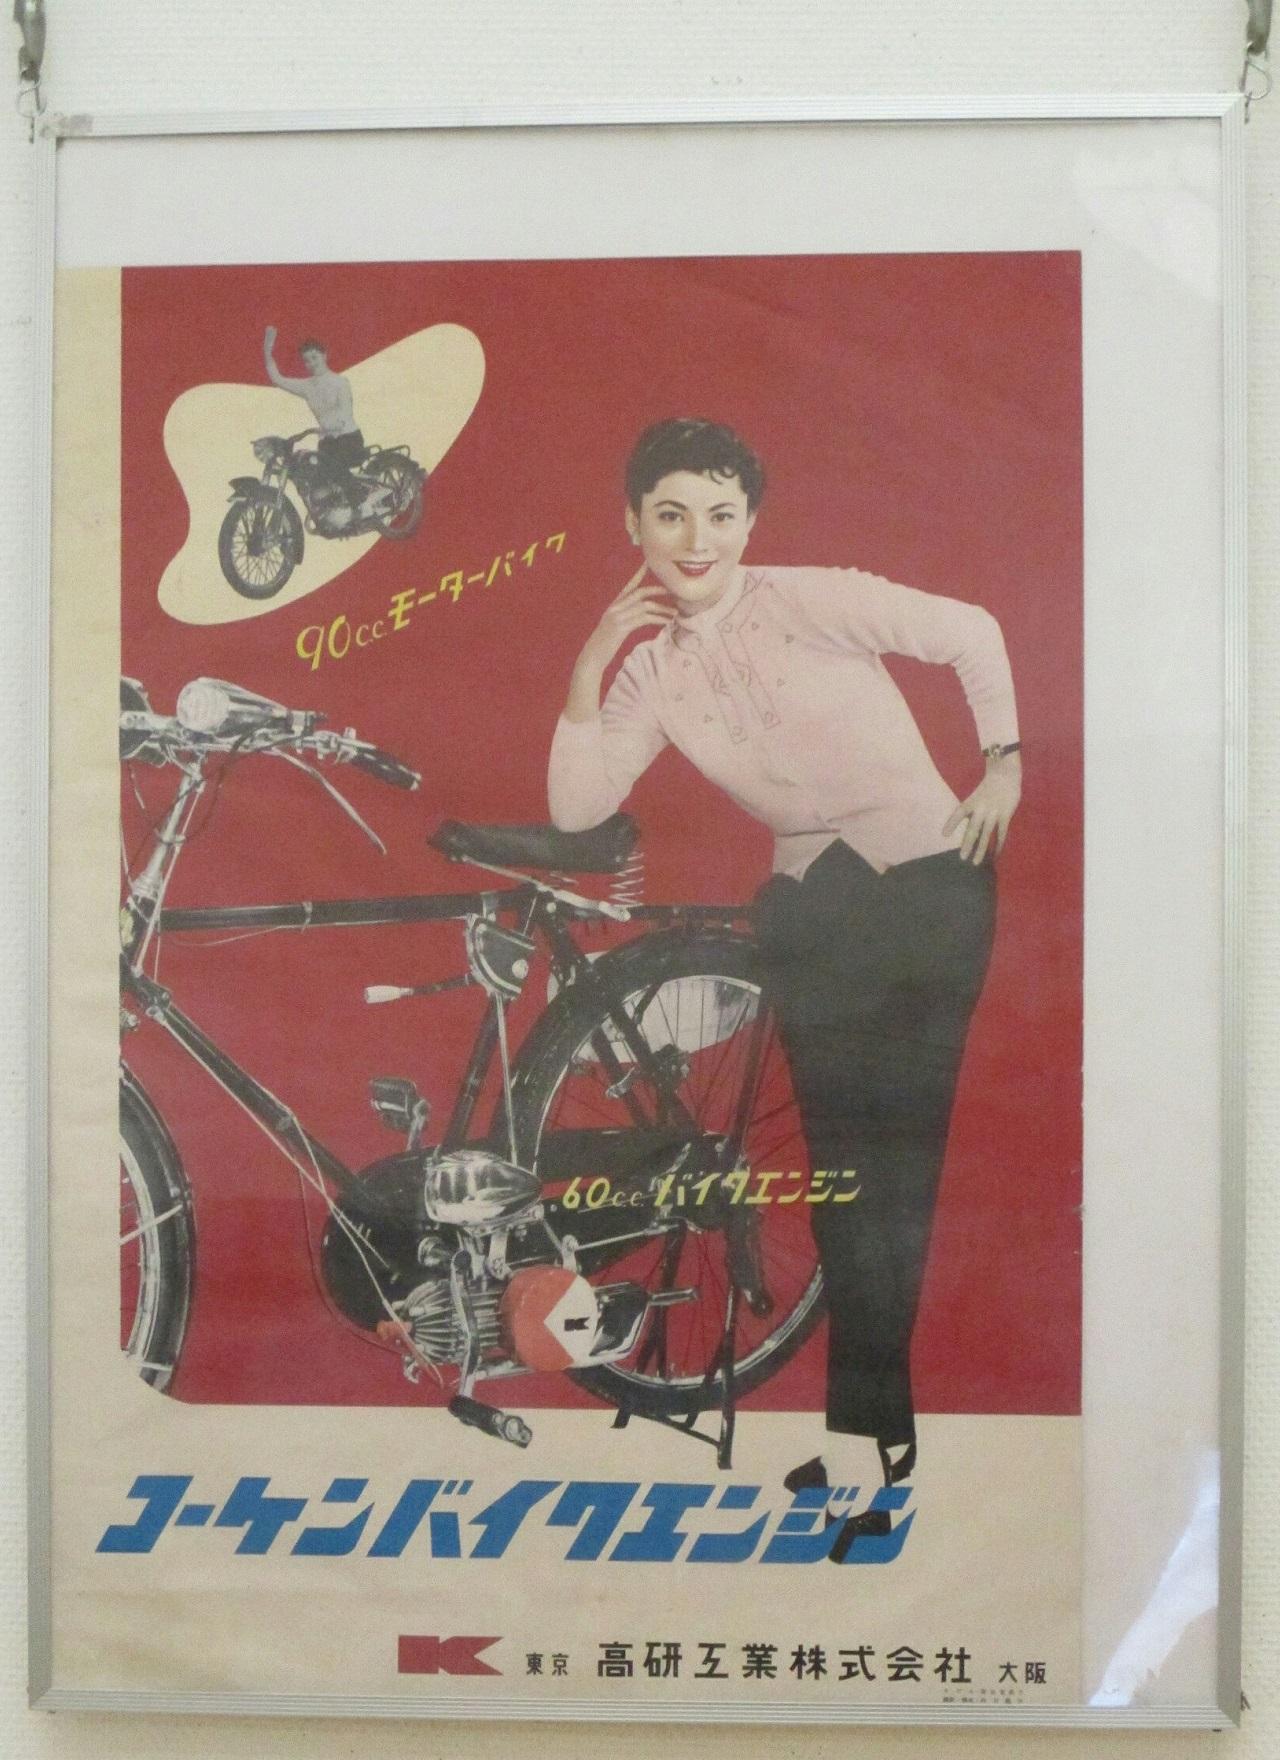 2019.4.27 (9) モーターバイク展 - コーケンバイクエンジンのポスター 1280-1760